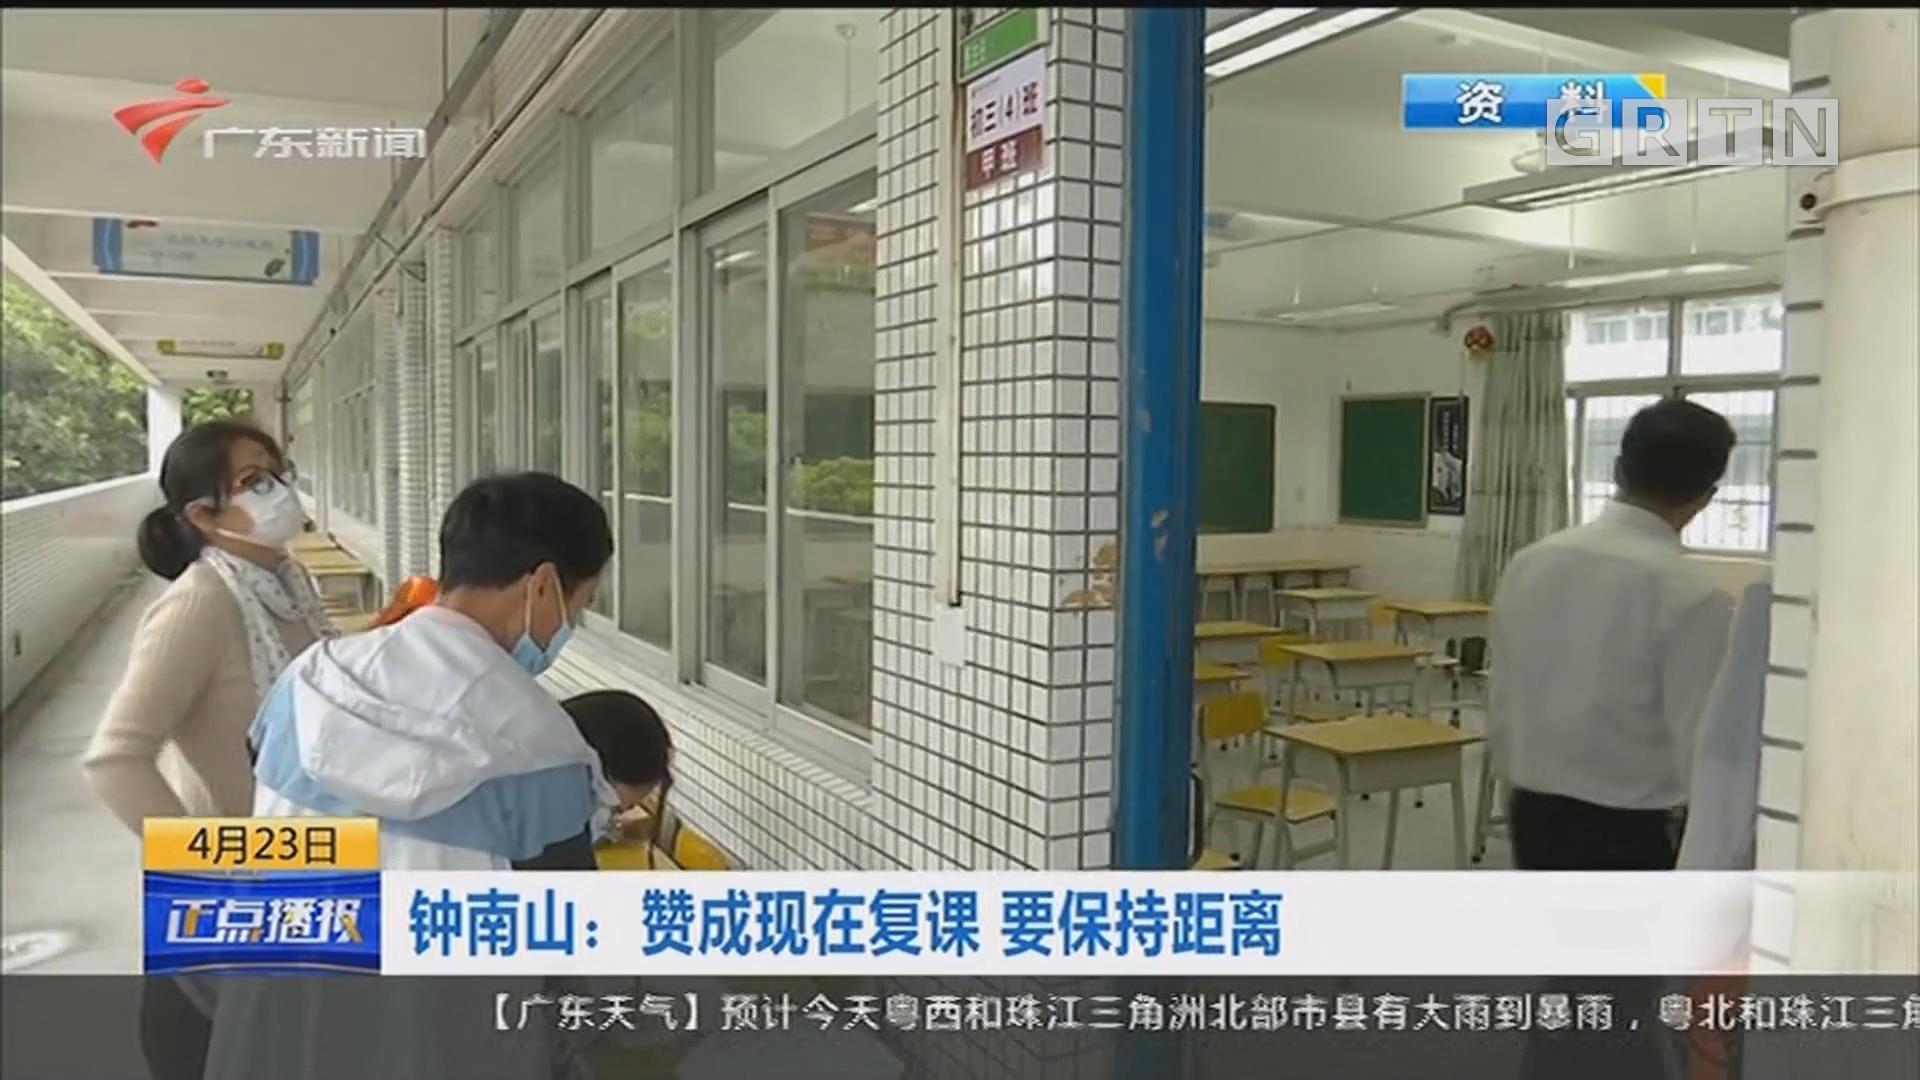 [HD][2020-04-23-10:00]正點播報:鐘南山:贊成現在復課 要保持距離